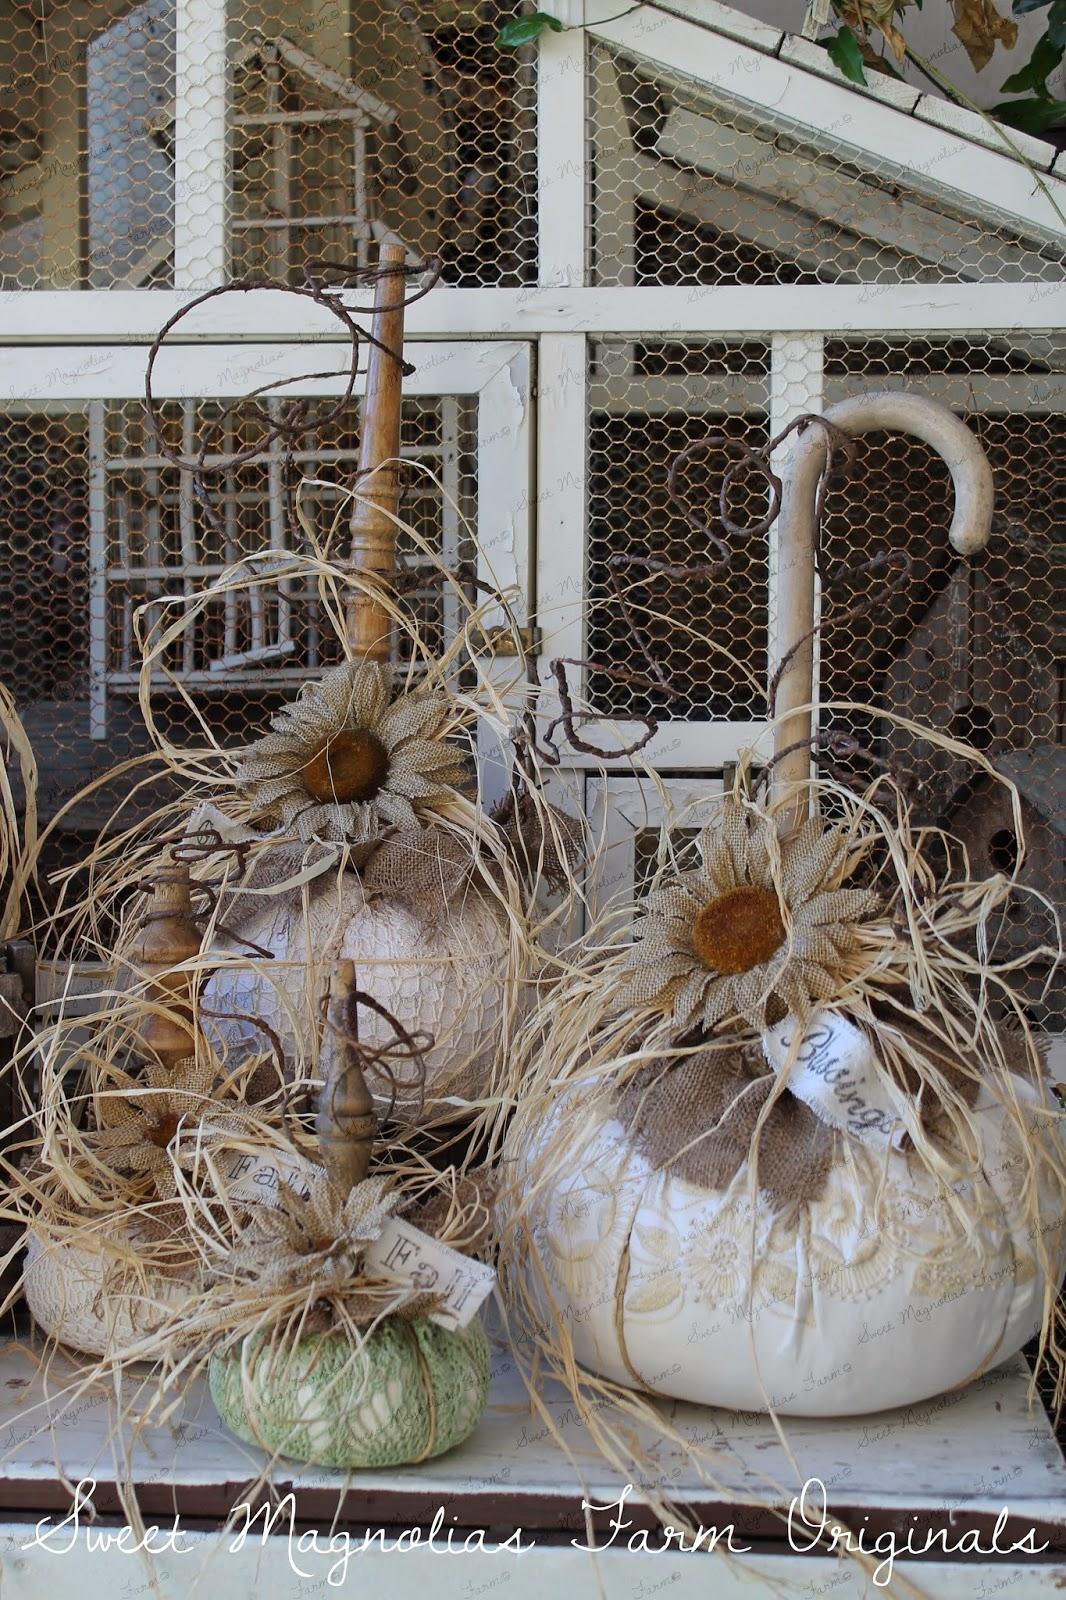 Sweet magnolias farm more sweet magnolias farm originals for Magnolia farmhouse